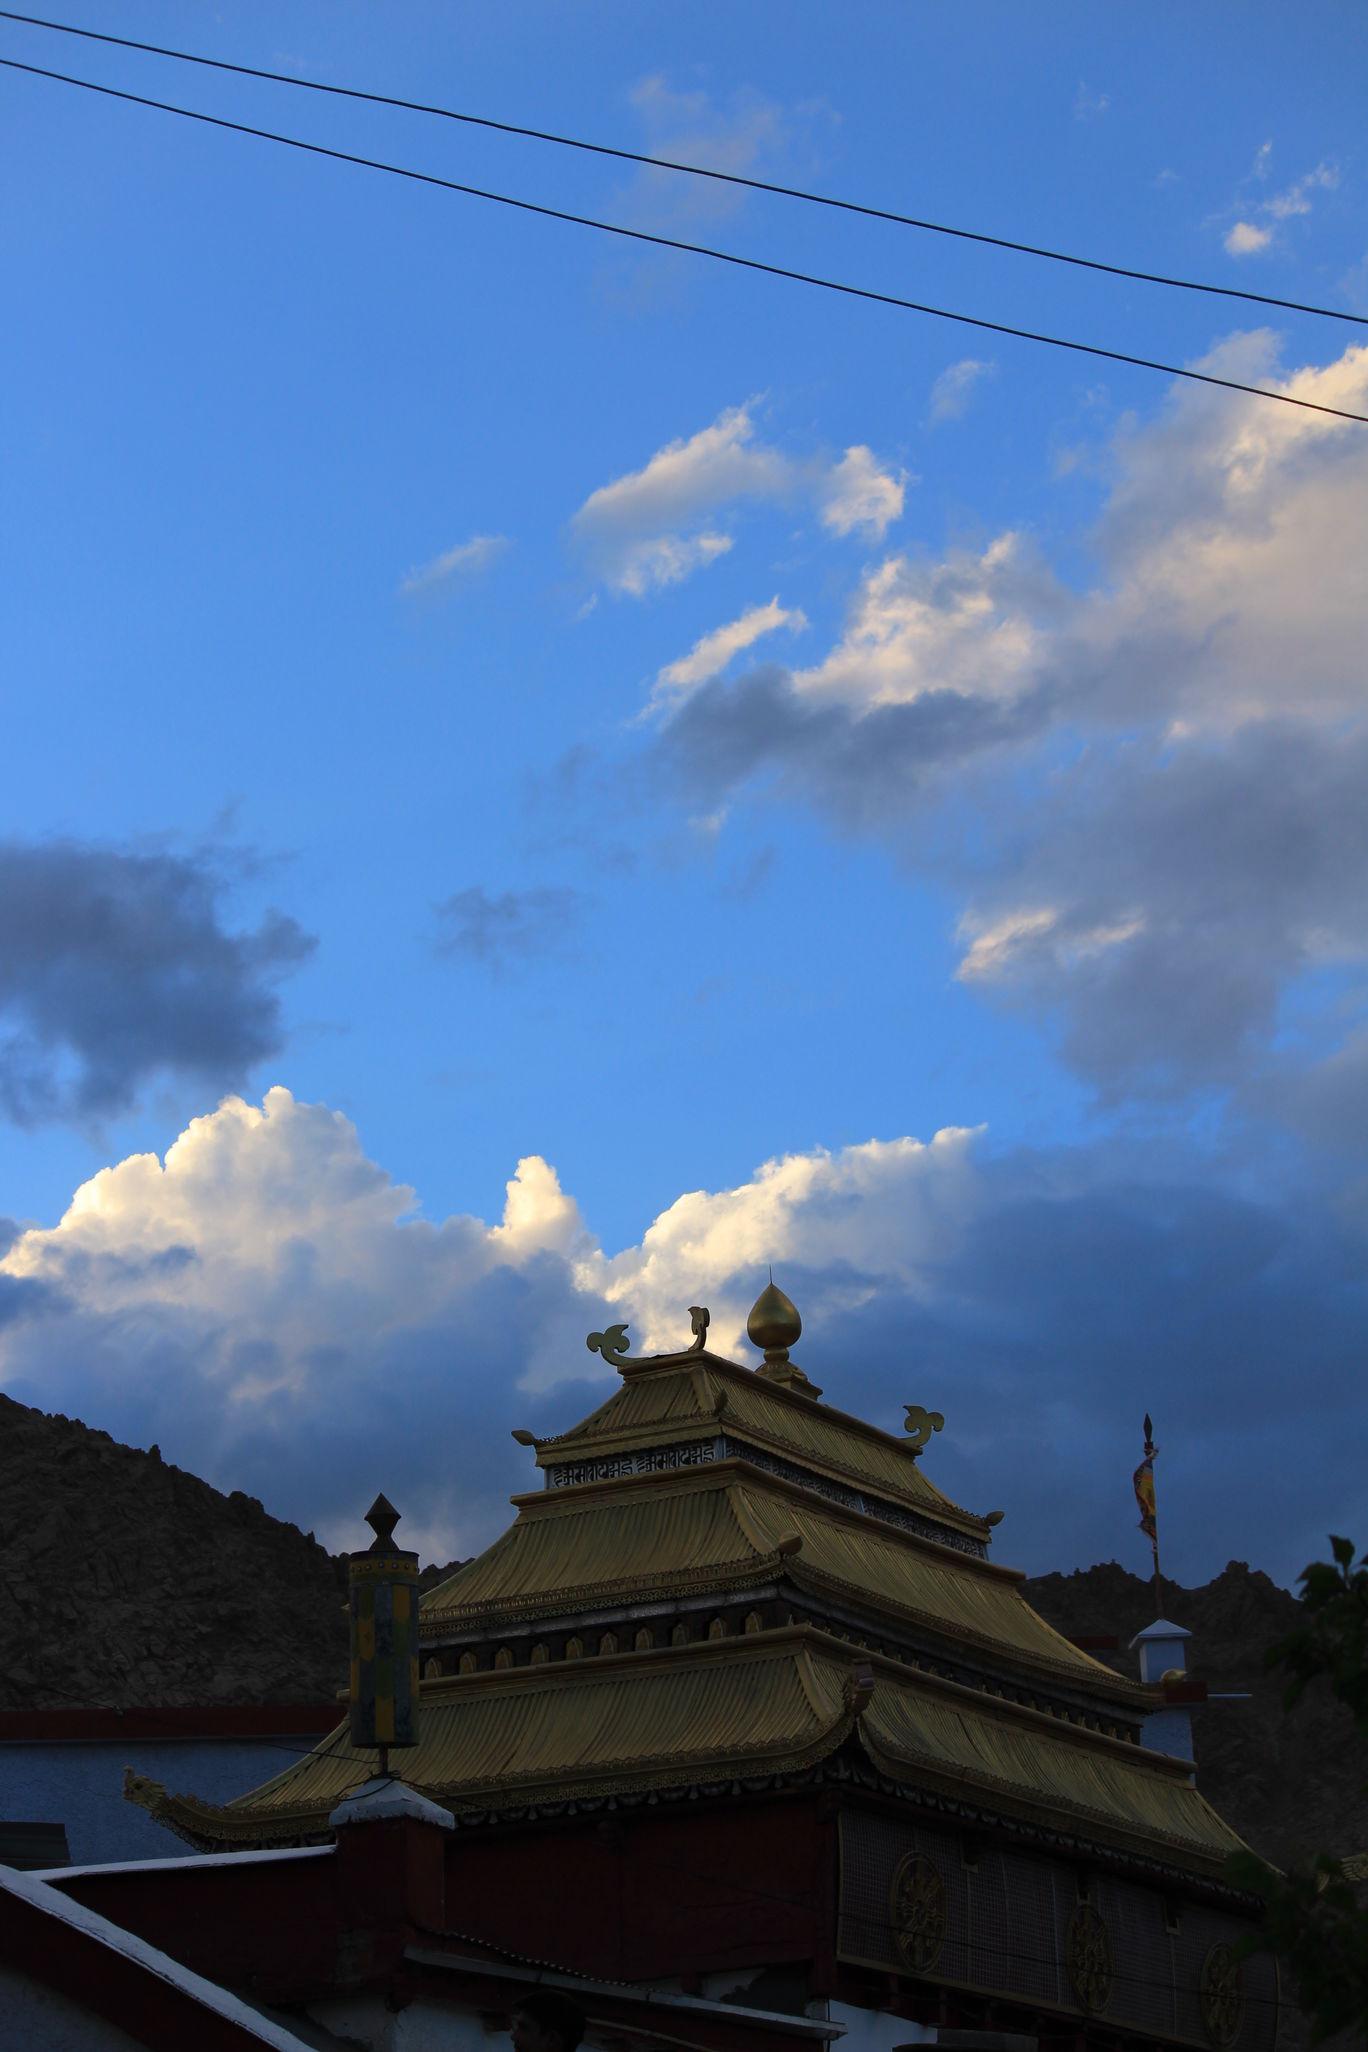 Photo of Ladakh Leh By Faizan Baig